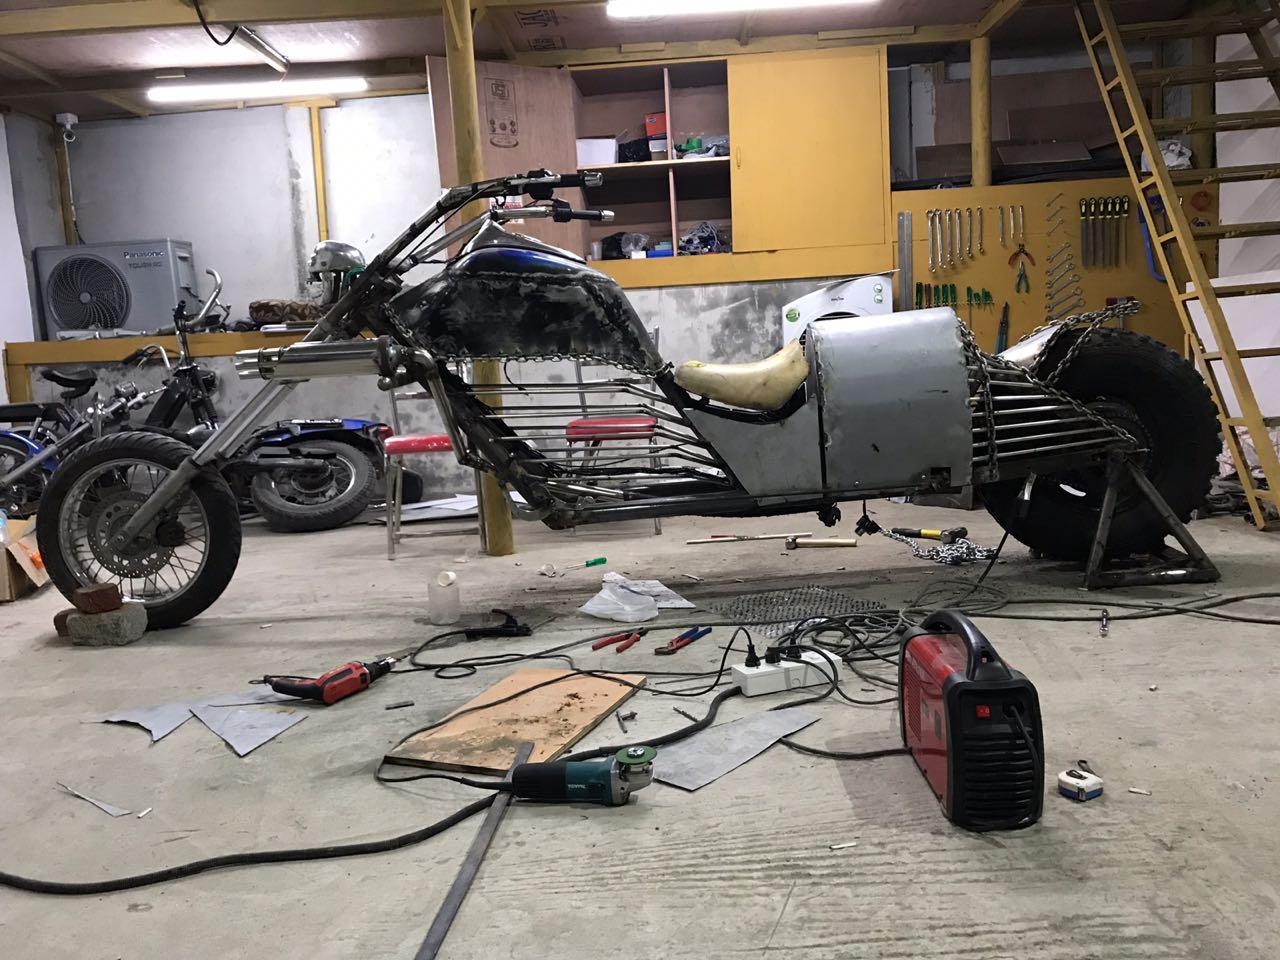 जाकिरने त्याचं जुनं विंटेज कलेक्शन विकून ही जगातील सर्वात लांब बाईक बनवली आहे.